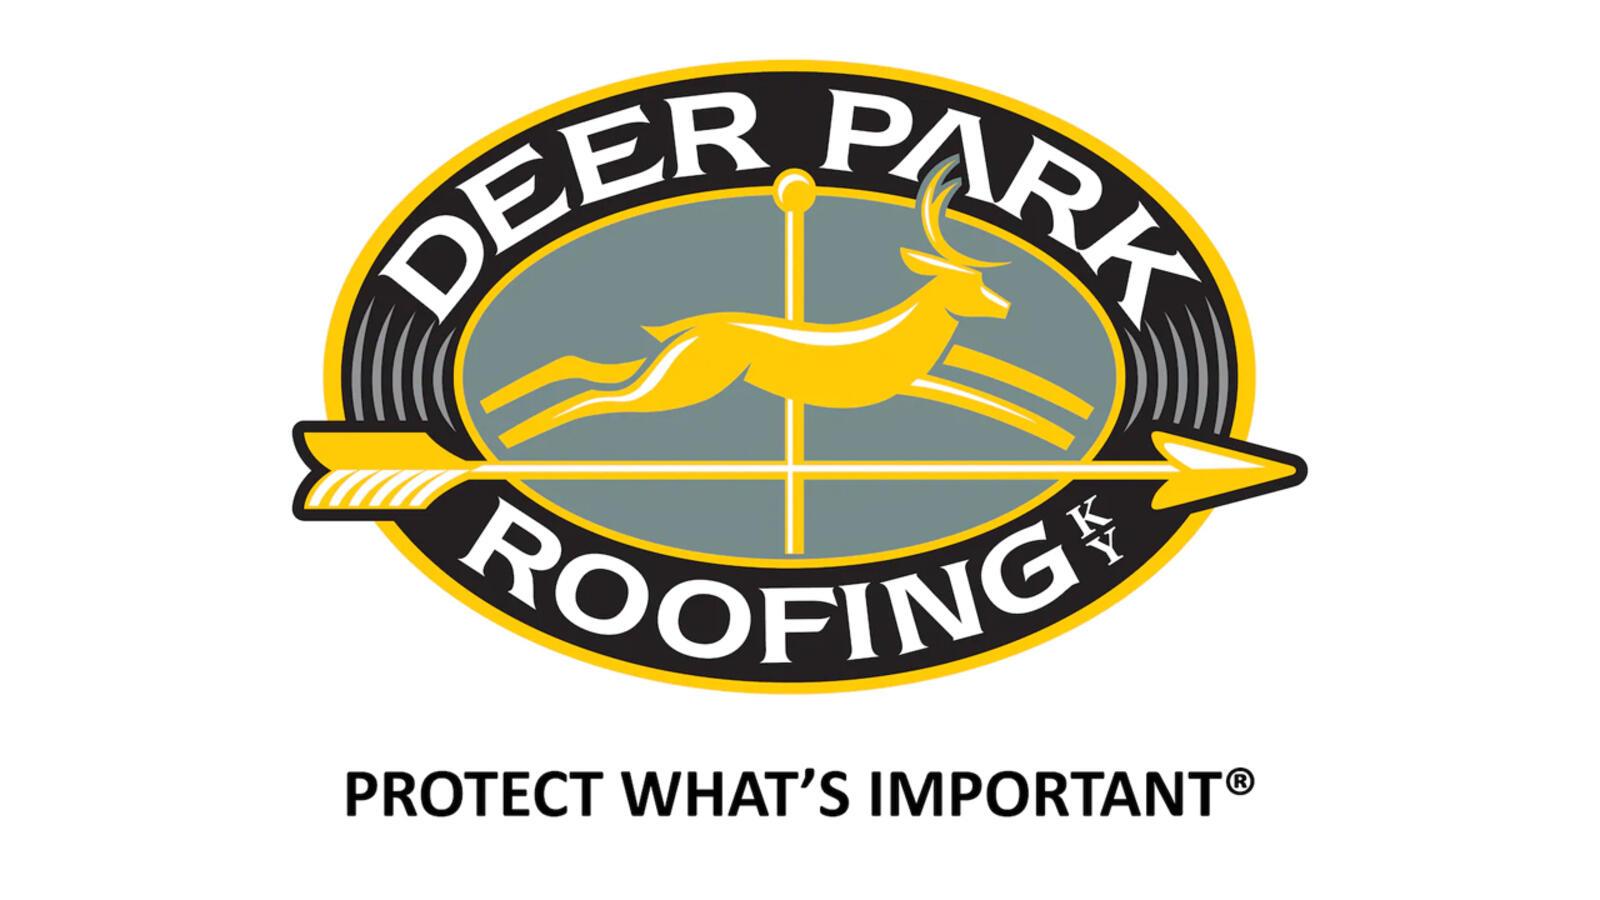 Gary's Favorites: Deer Park Roofing Louisville